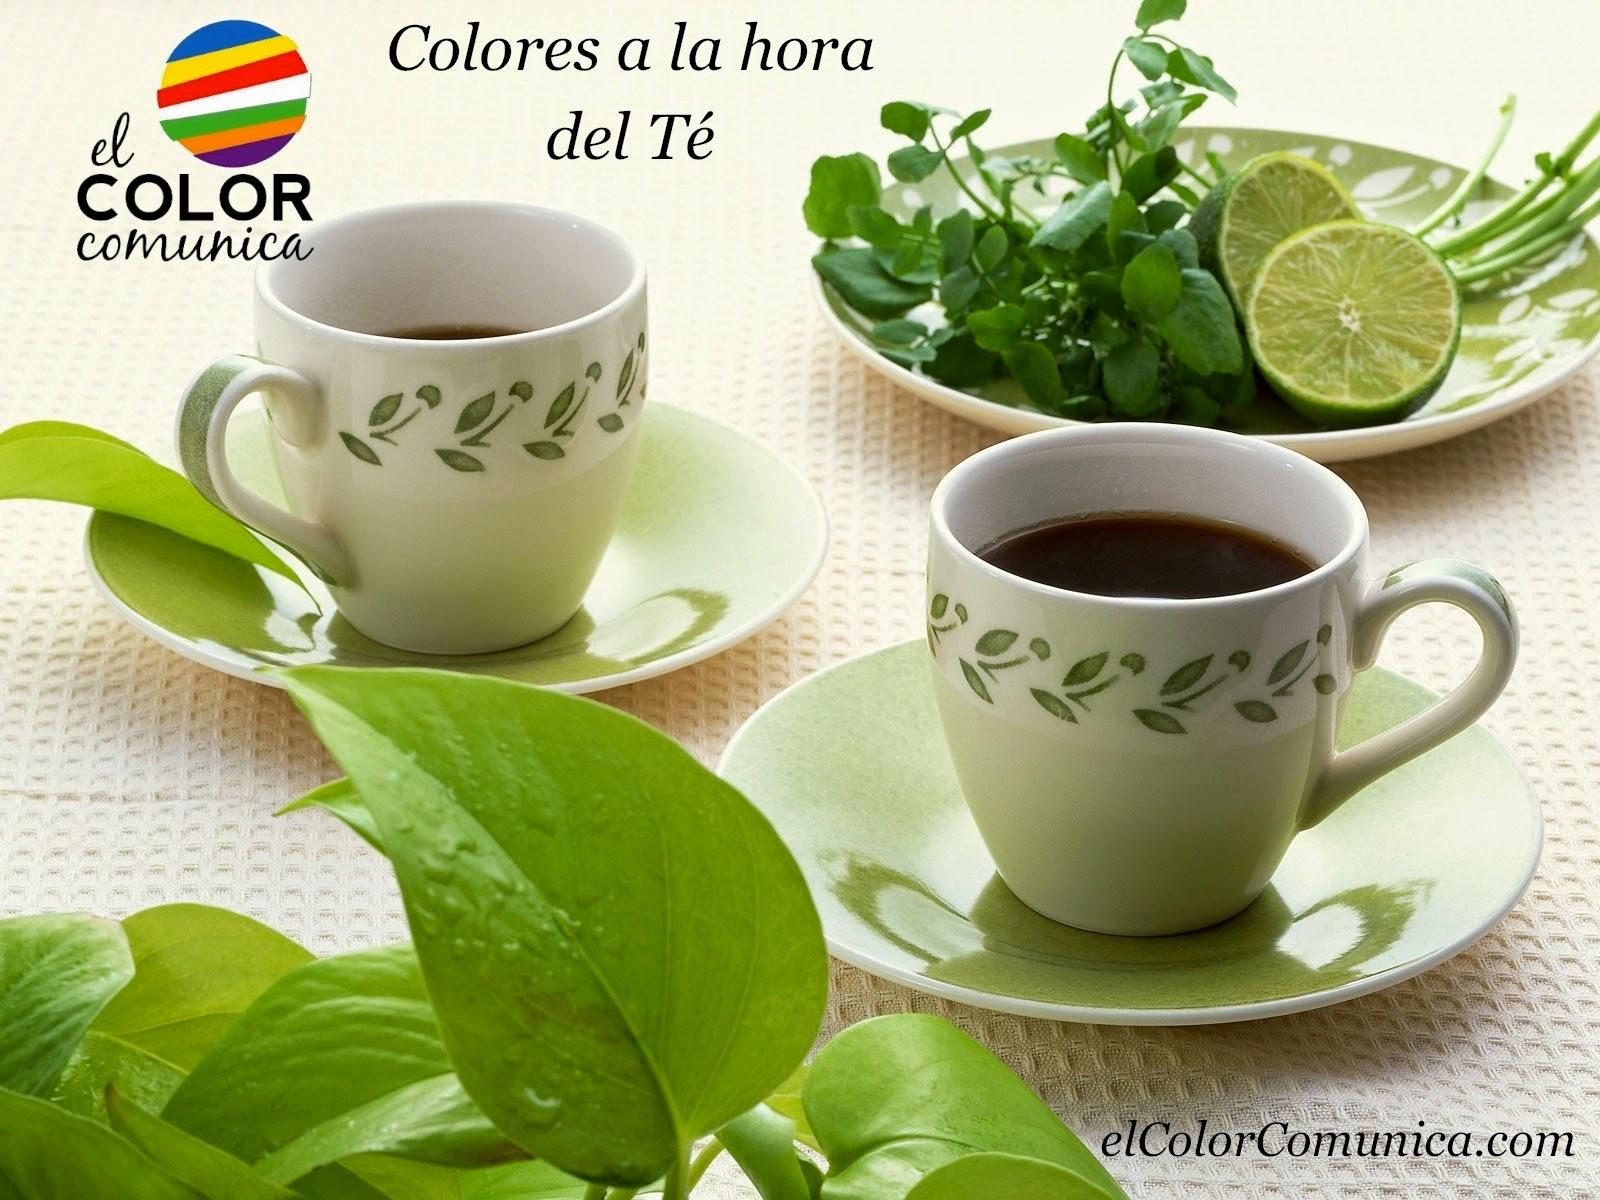 colores a la hora del Té